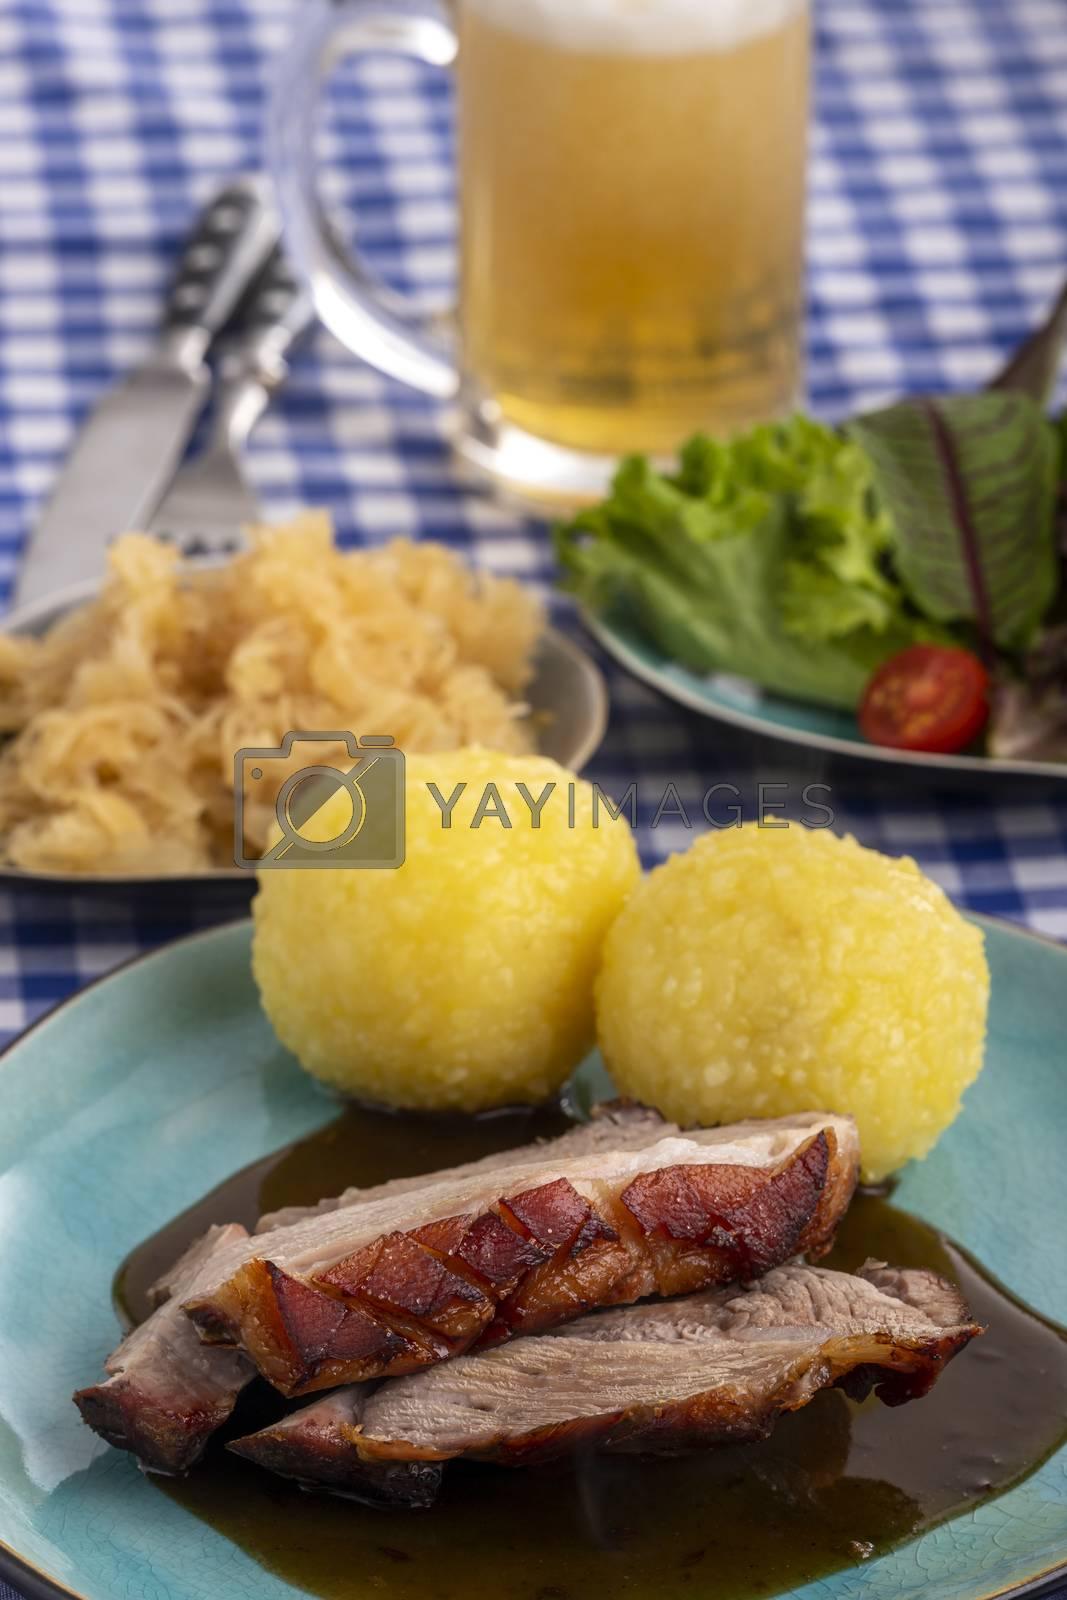 bavarian roasted pork with potato dumlings